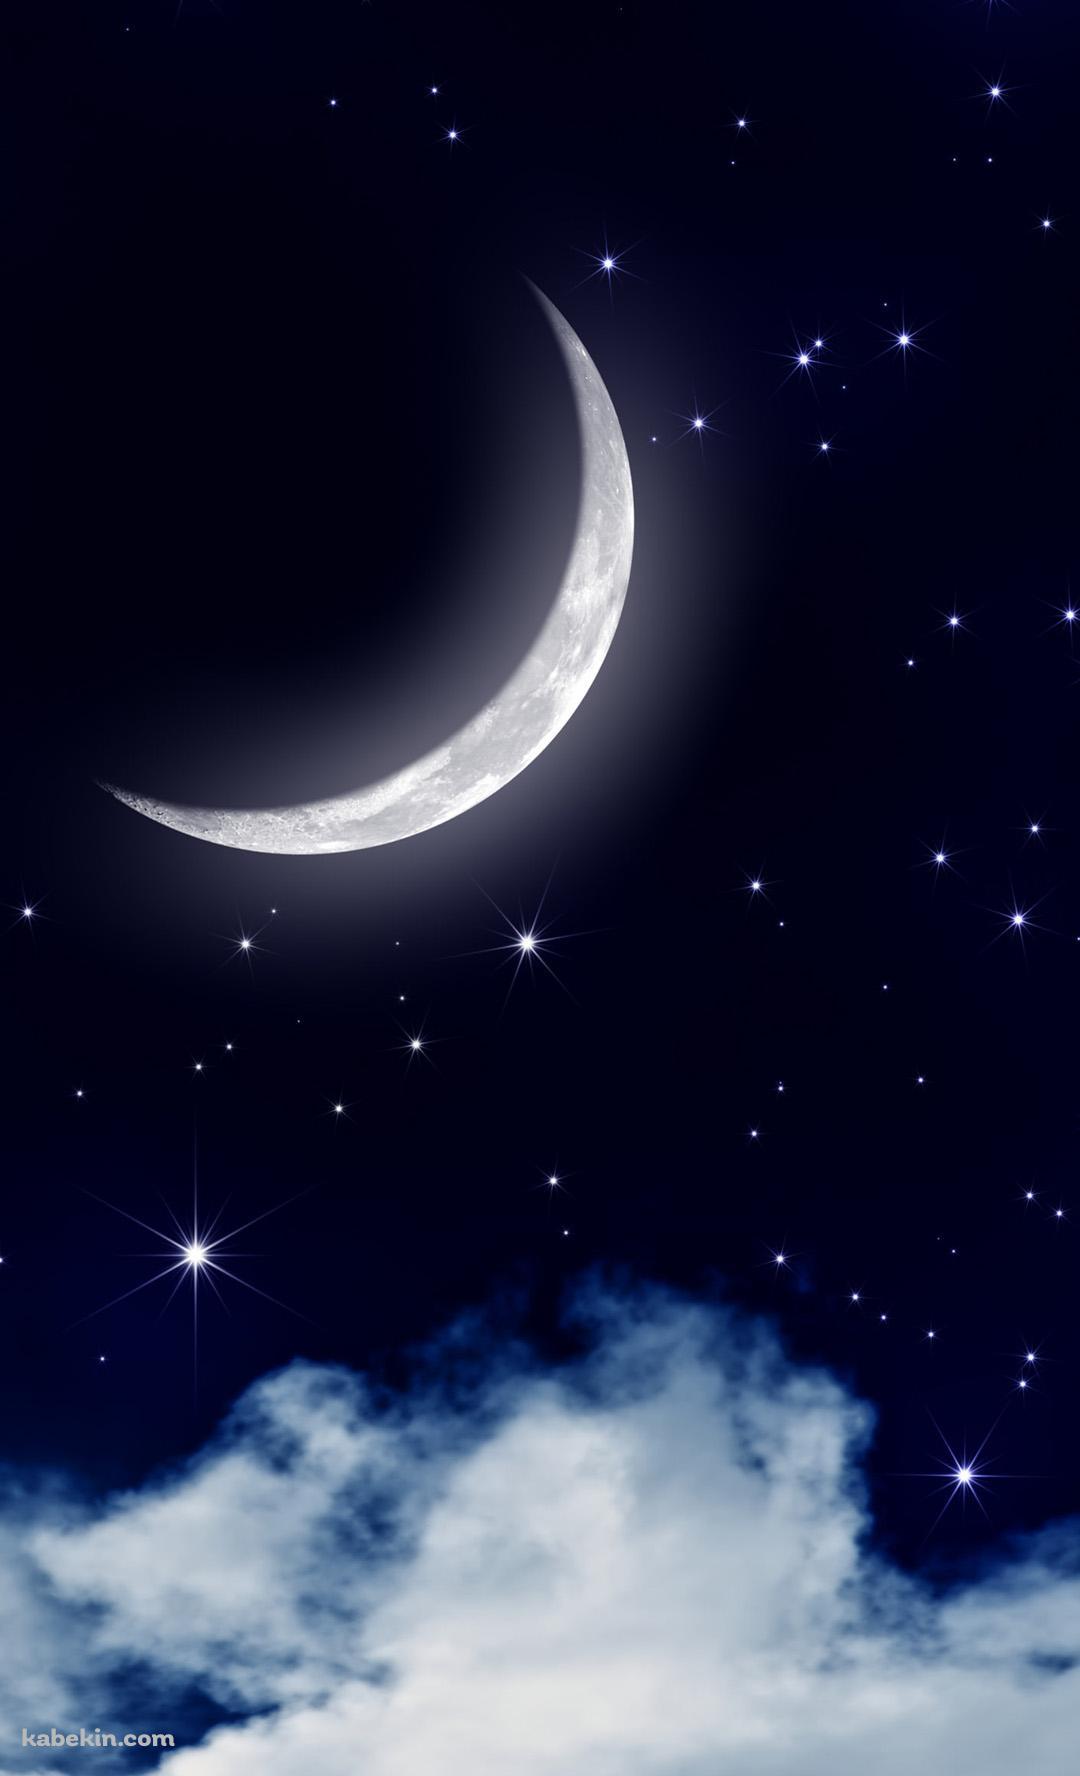 三日月 星 雲のandroid壁紙 1080 X 1776 壁紙キングダム スマホ版